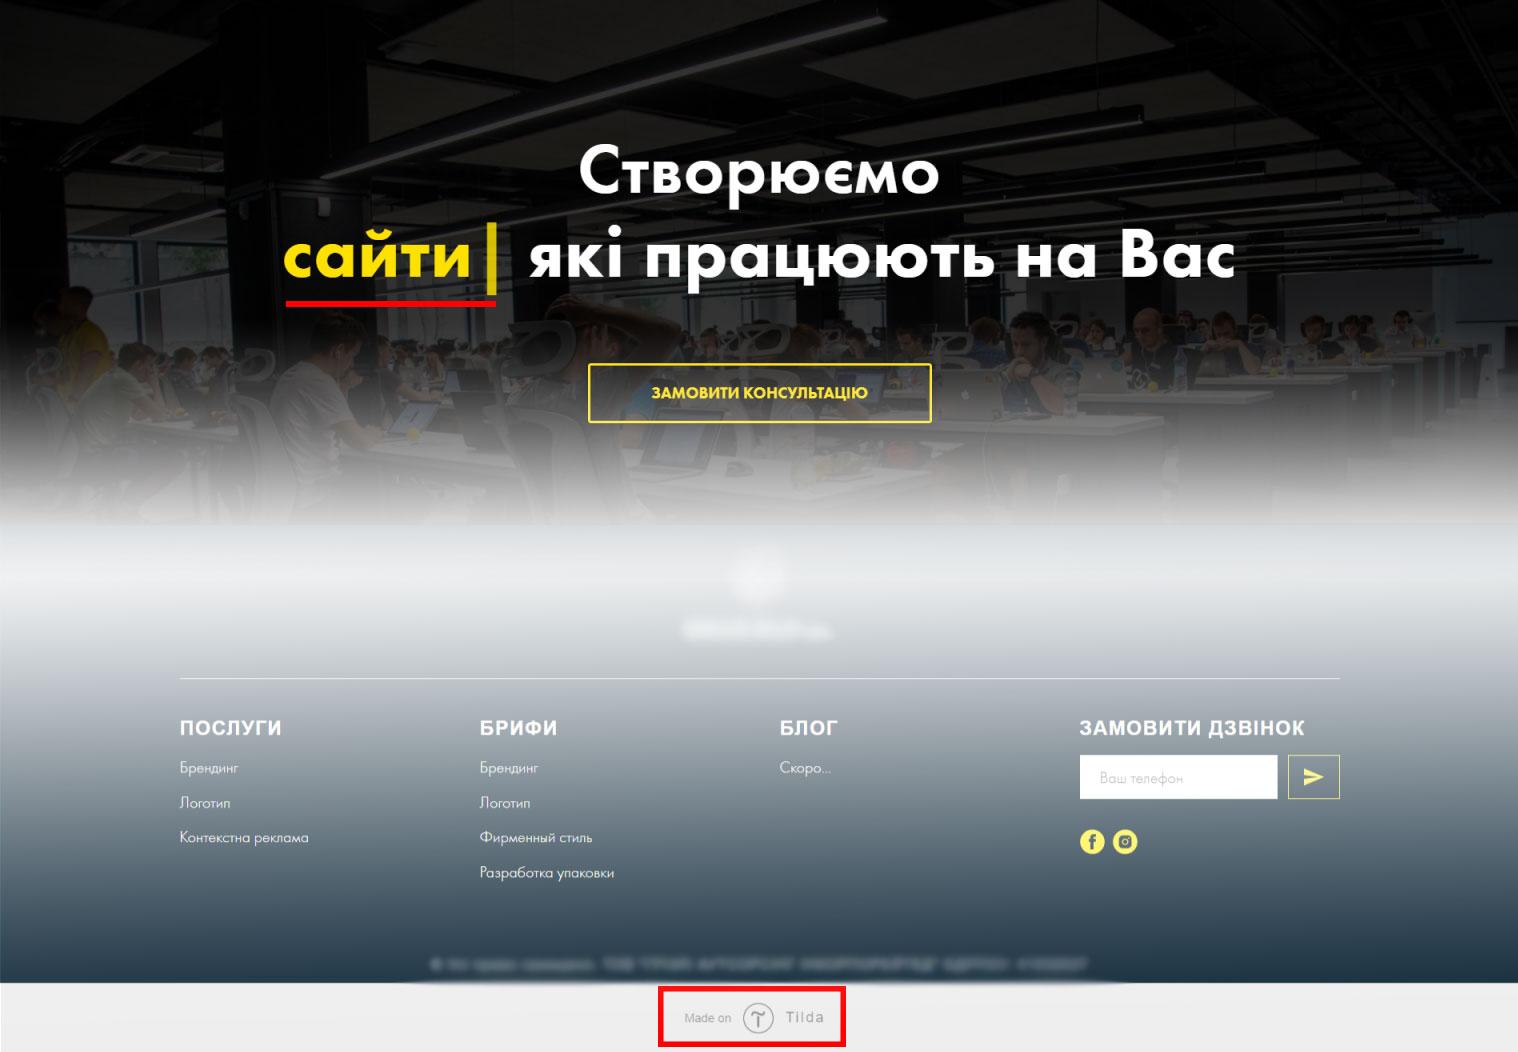 Сайт интернет-разработчиков на Tilda